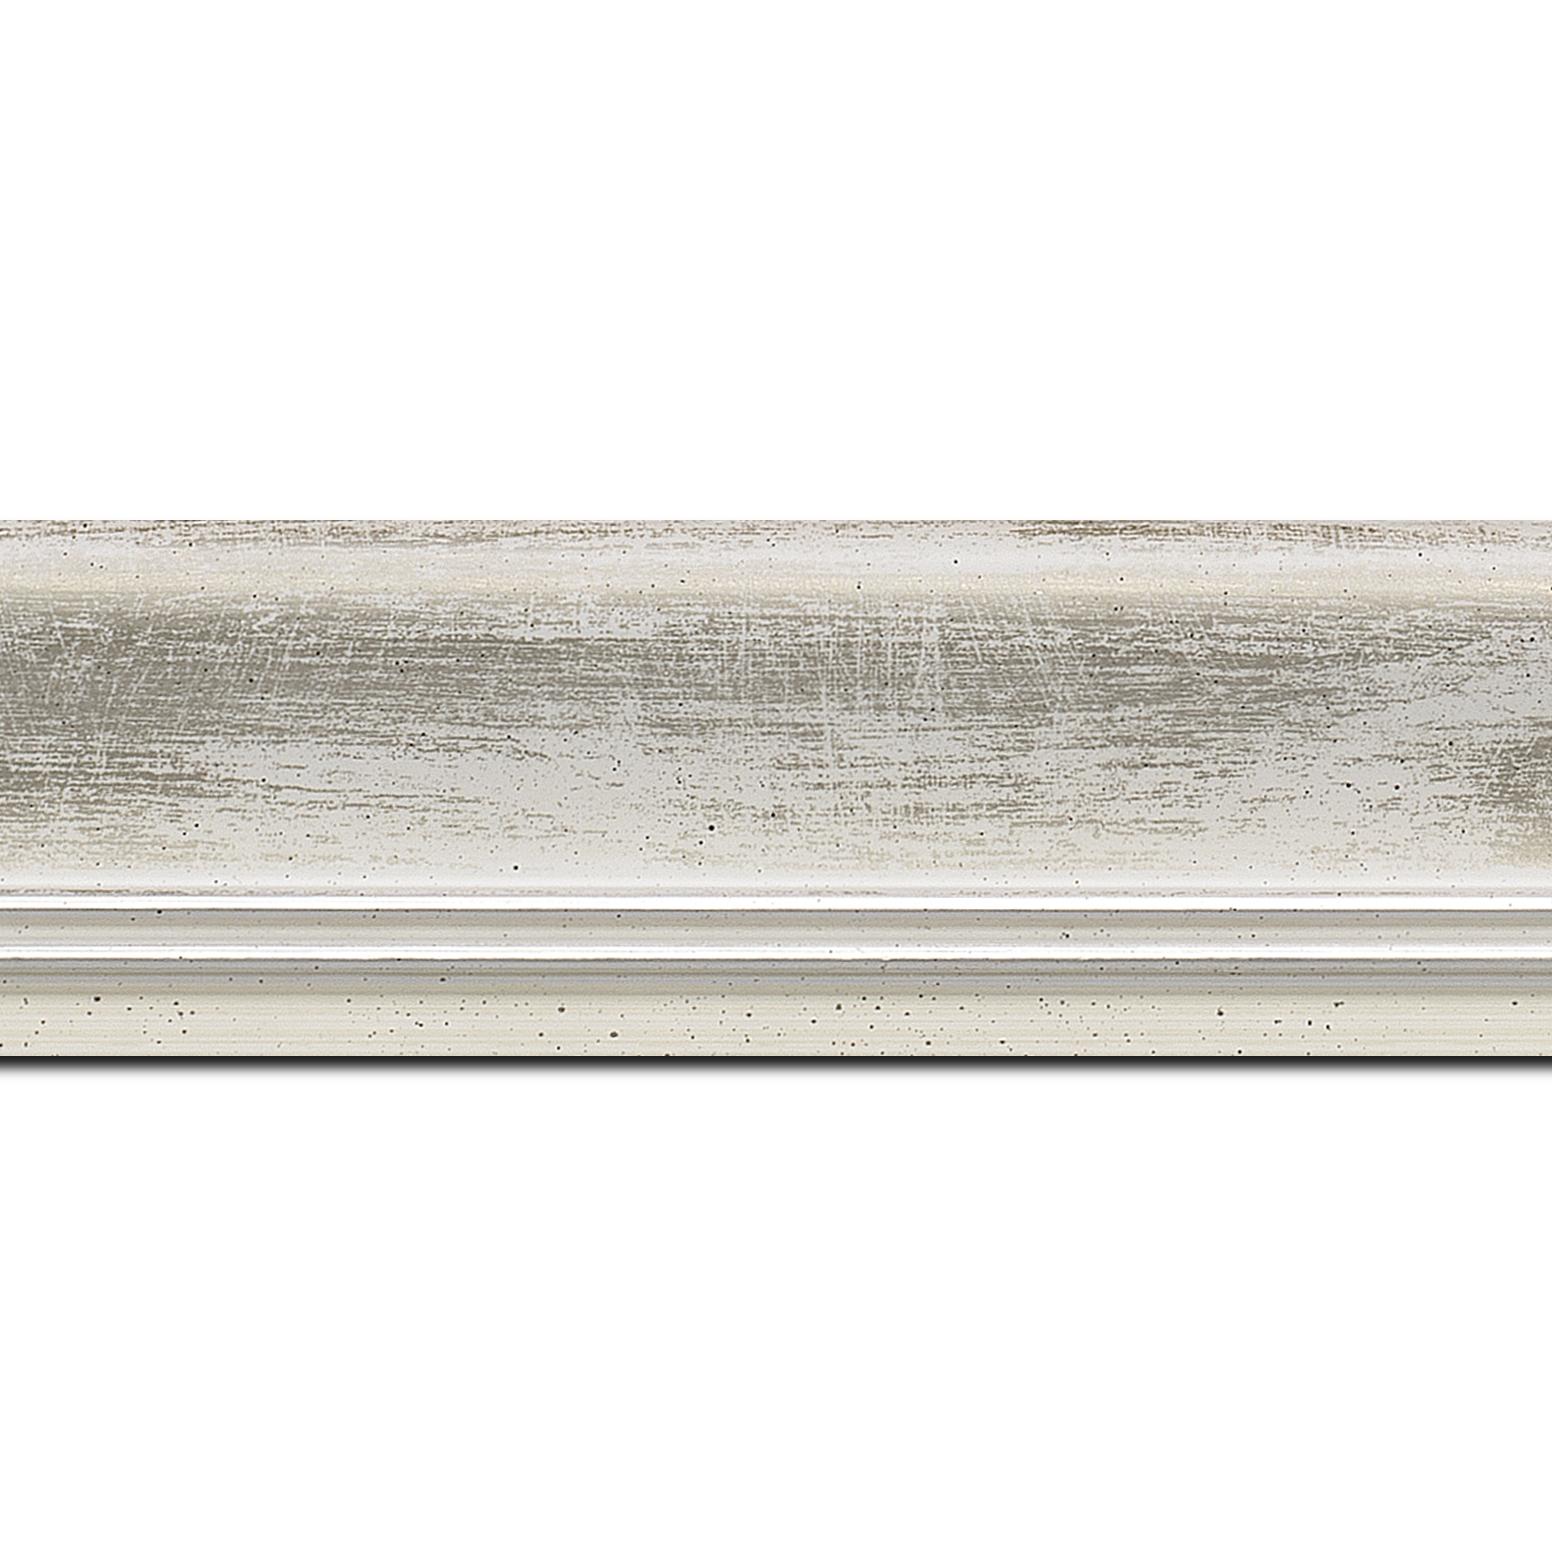 Baguette longueur 1.40m bois profil incurvé largeur 5.7cm de couleur blanc fond argent marie louise blanche mouchetée filet argent intégré